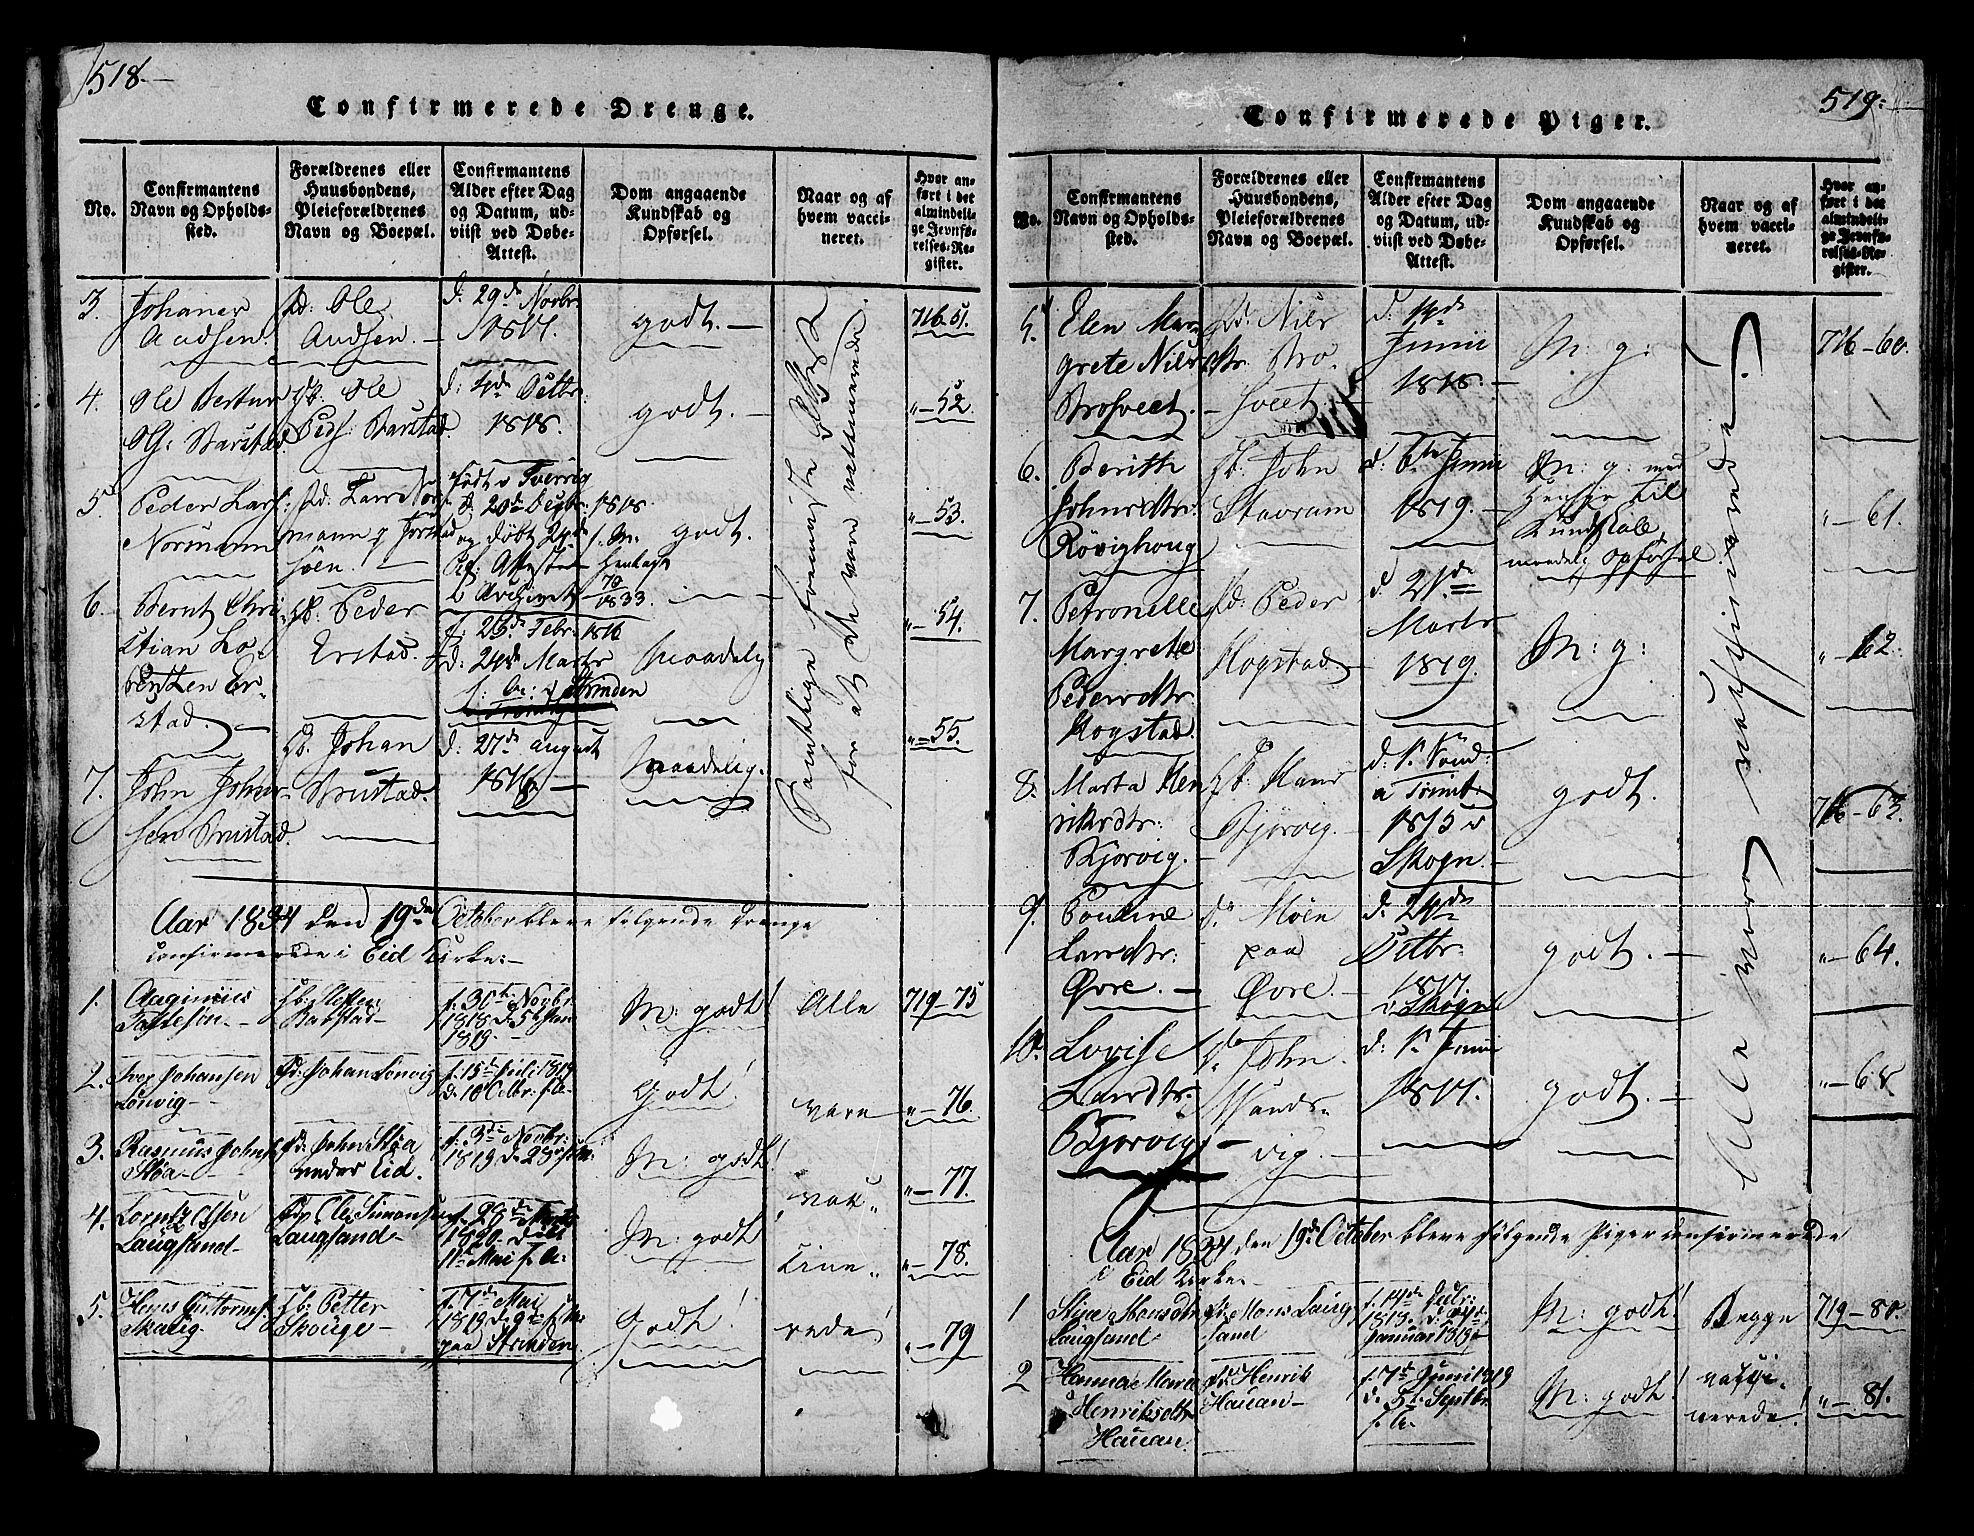 SAT, Ministerialprotokoller, klokkerbøker og fødselsregistre - Nord-Trøndelag, 722/L0217: Ministerialbok nr. 722A04, 1817-1842, s. 518-519